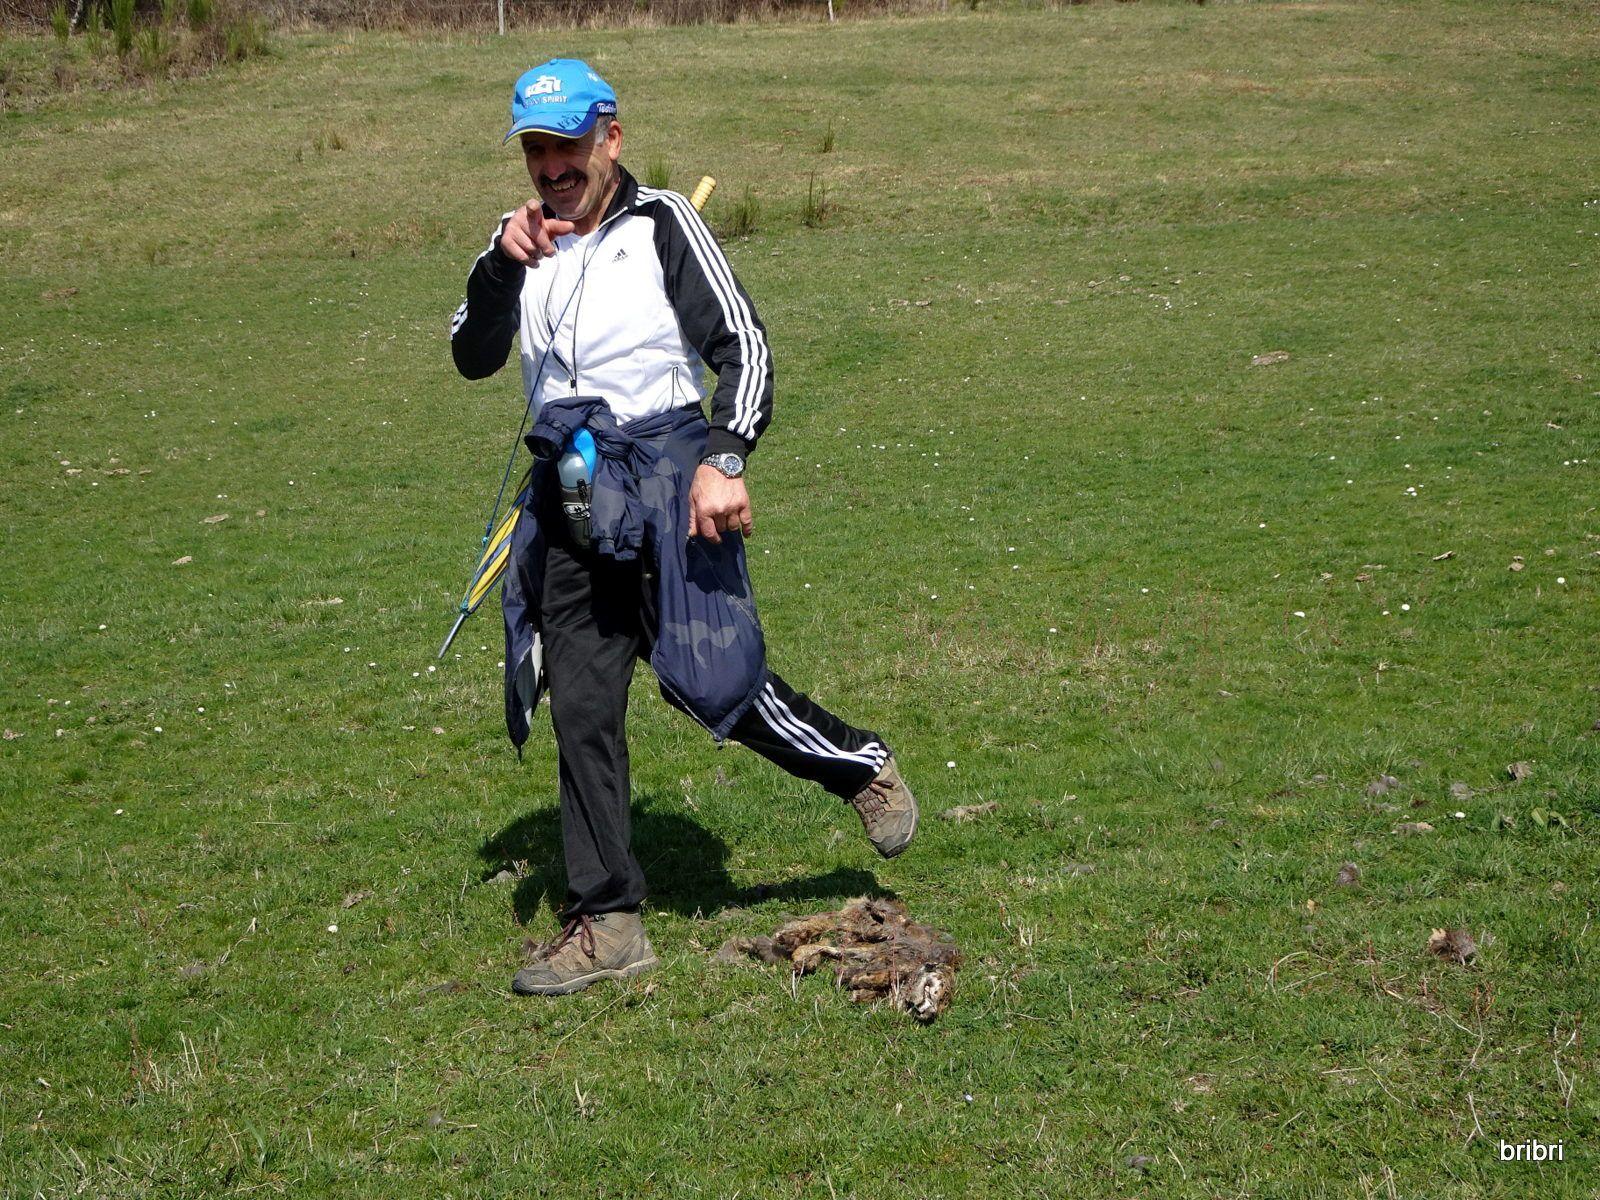 José trouve ce renard crevé, on en profite pour faire une petite pause. En repartant Jacline avait encore oublié ses bâtons, heureusement Denis veillait et les avait ramassé, (il sera sûrement récompensé !).